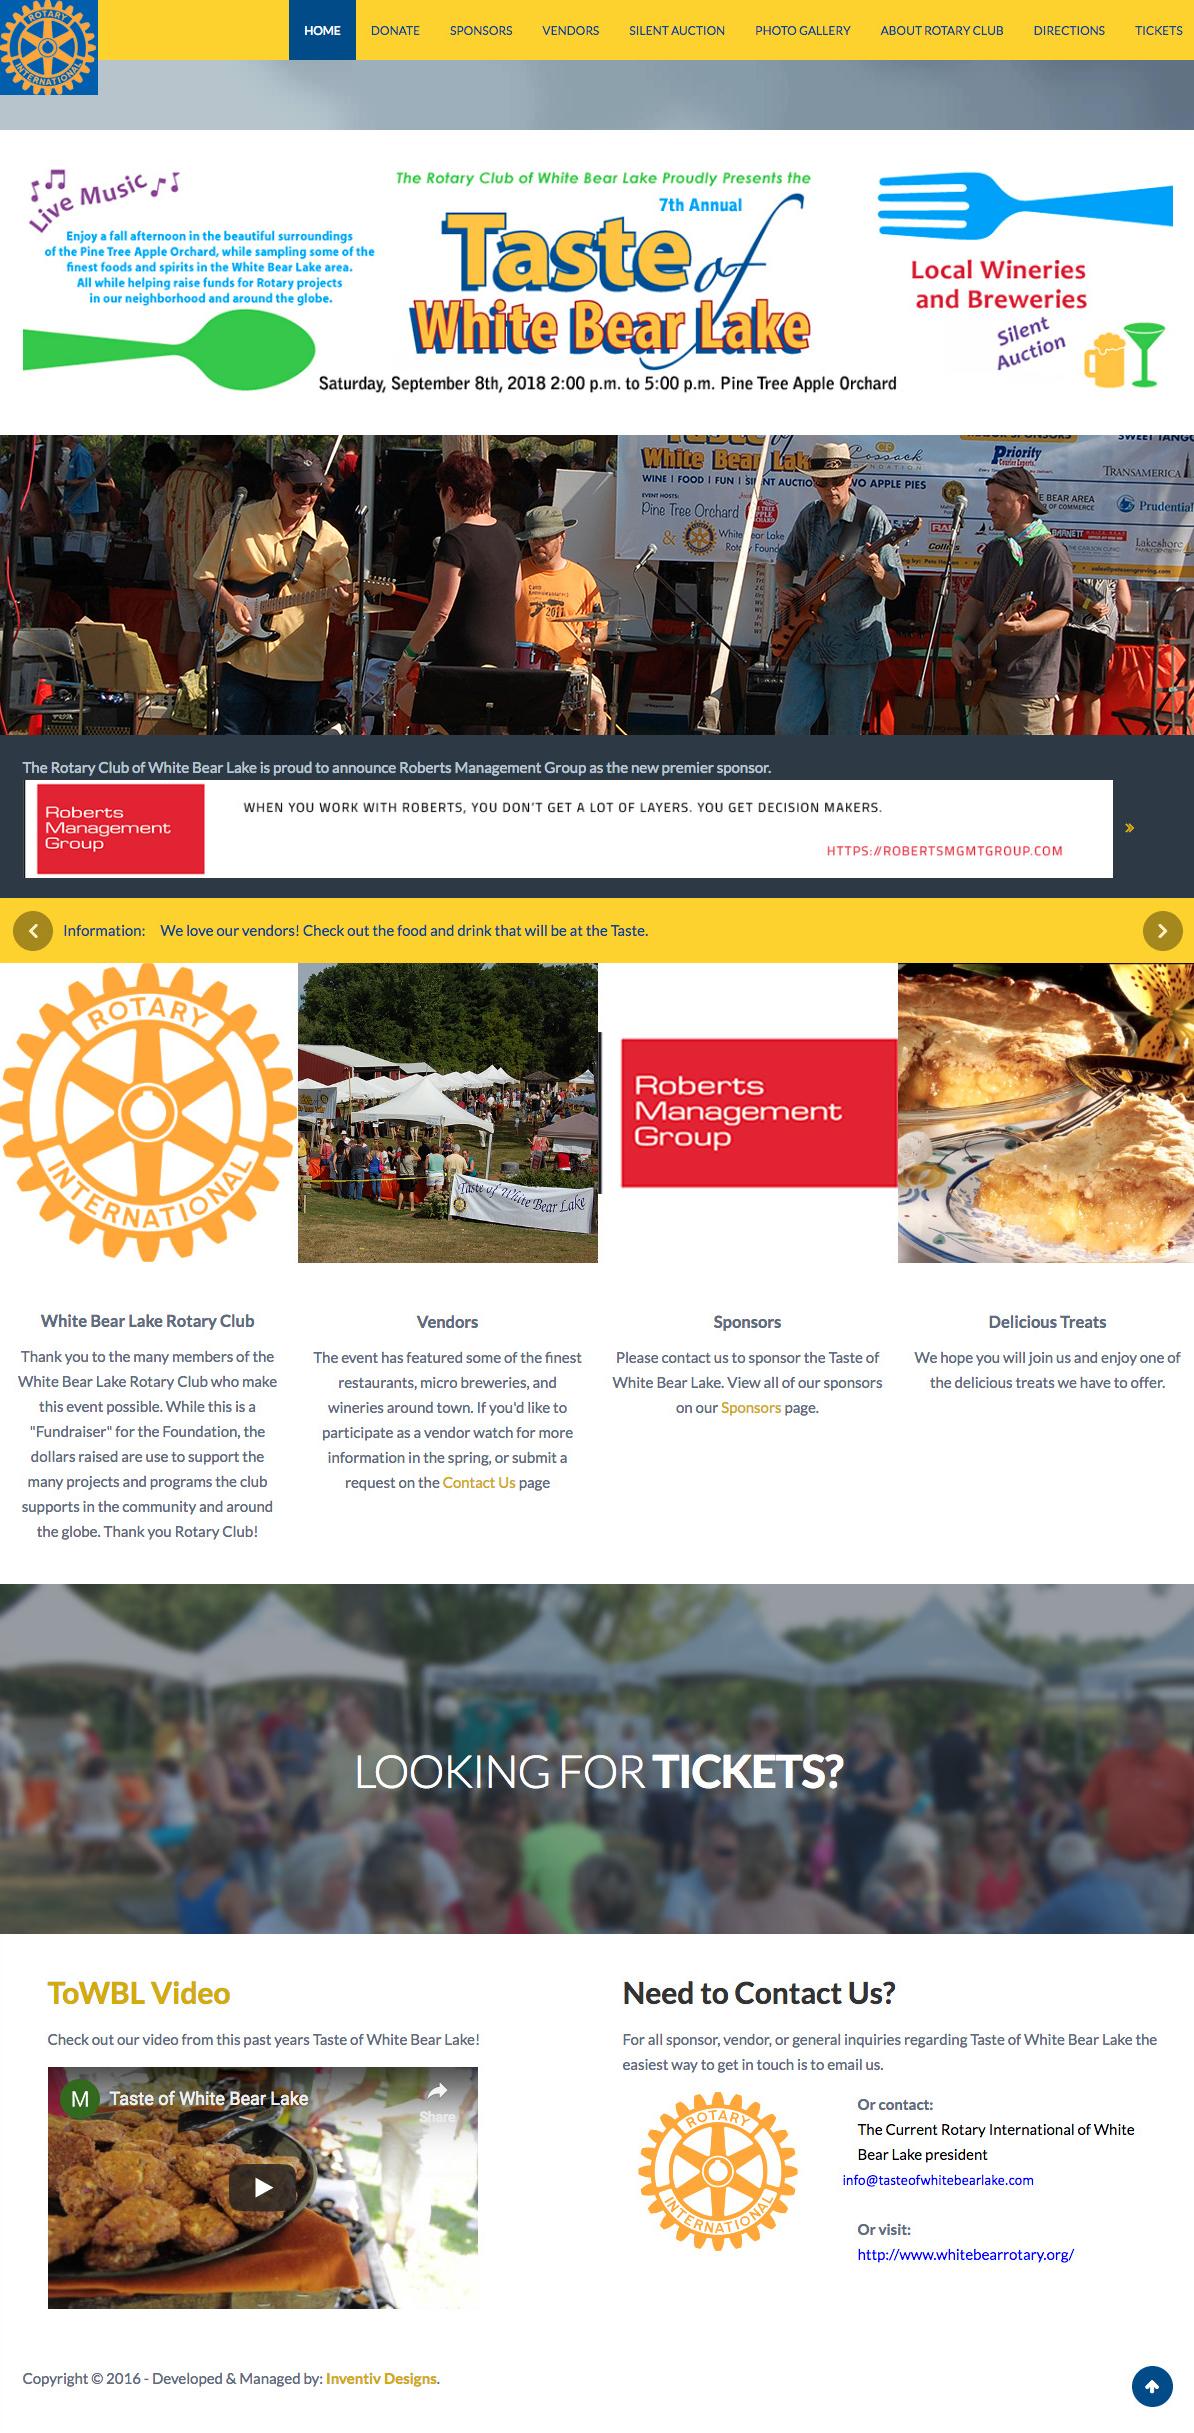 Taste-of-white-bear-lake-website-design